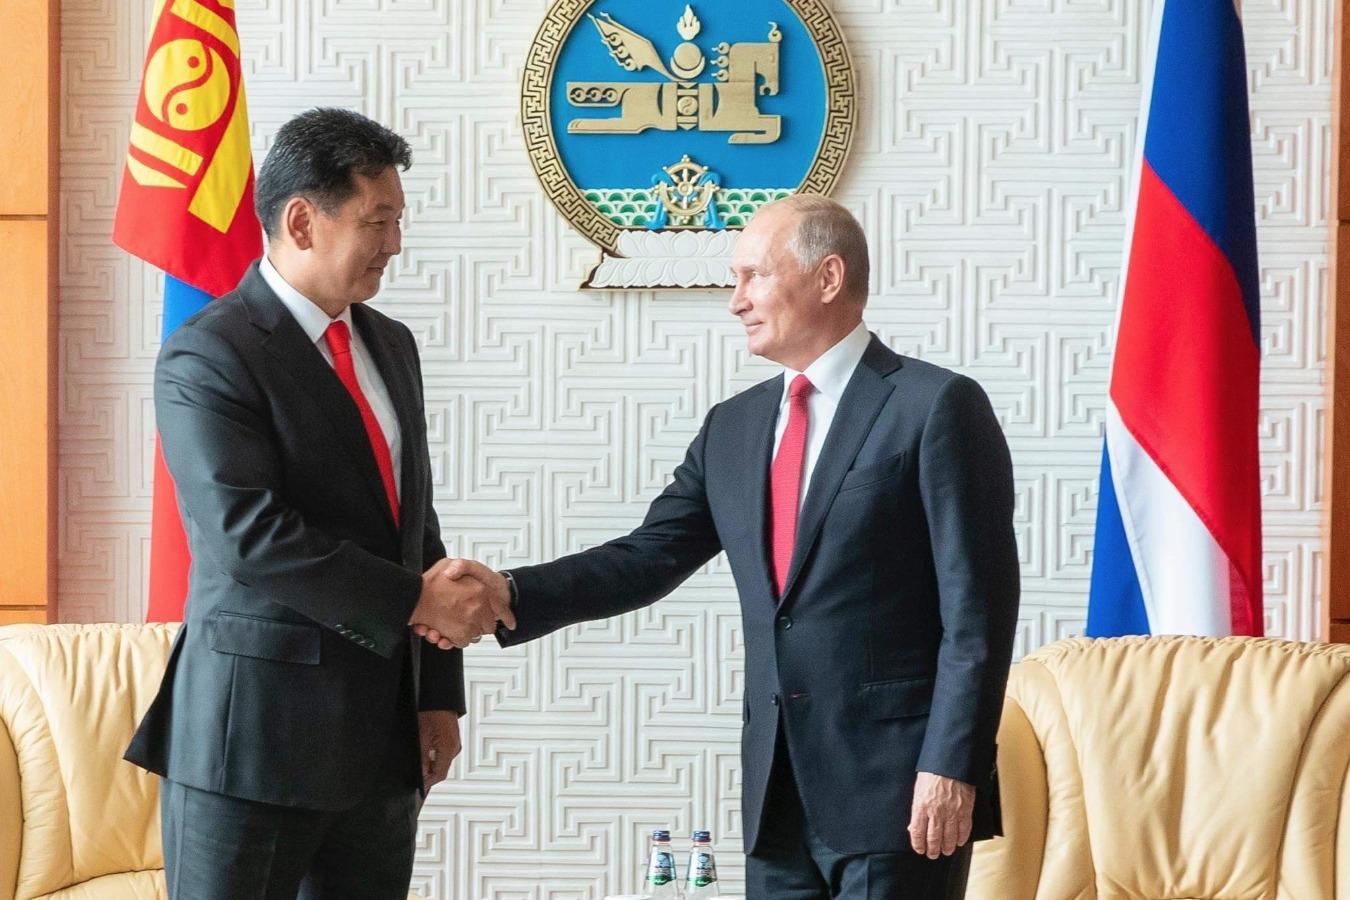 Монгол Улсын Ерөнхий сайд У.Хүрэлсүх Оросын Холбооны Улсын ерөнхийлөгч В.В.Путинд бараалхав